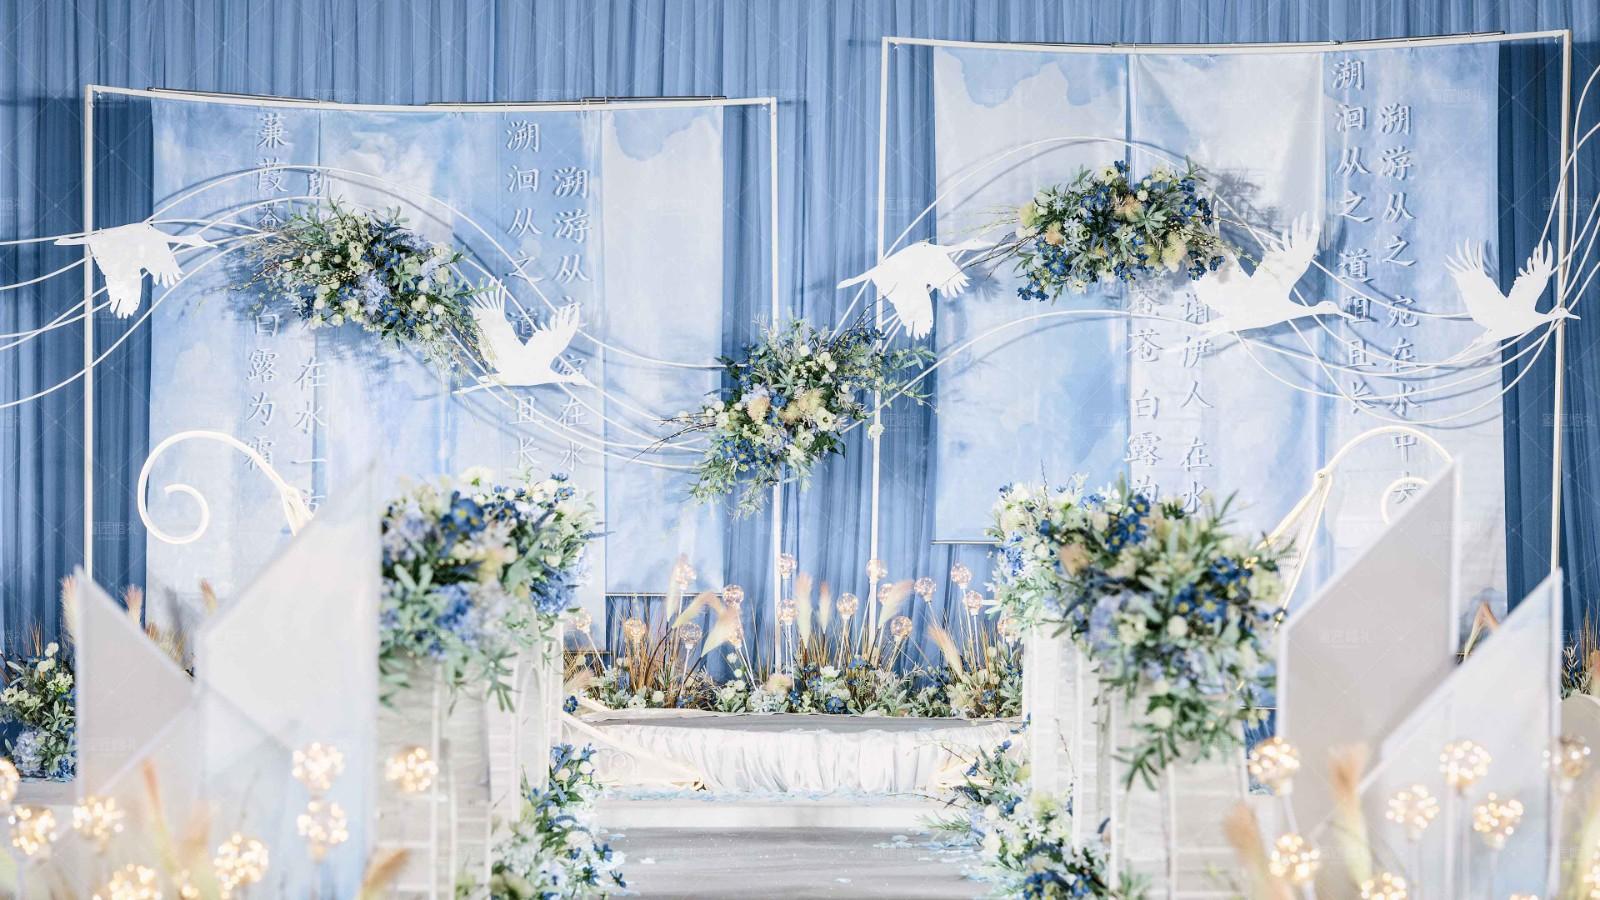 娄底的露天婚礼多少钱 娄底露天婚礼布置效果图